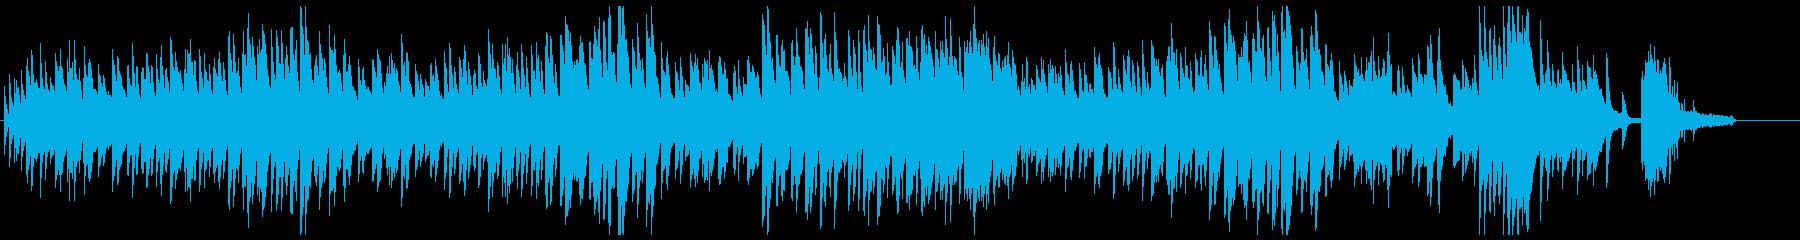 ピアノよるメロディアスで切ないワルツの再生済みの波形